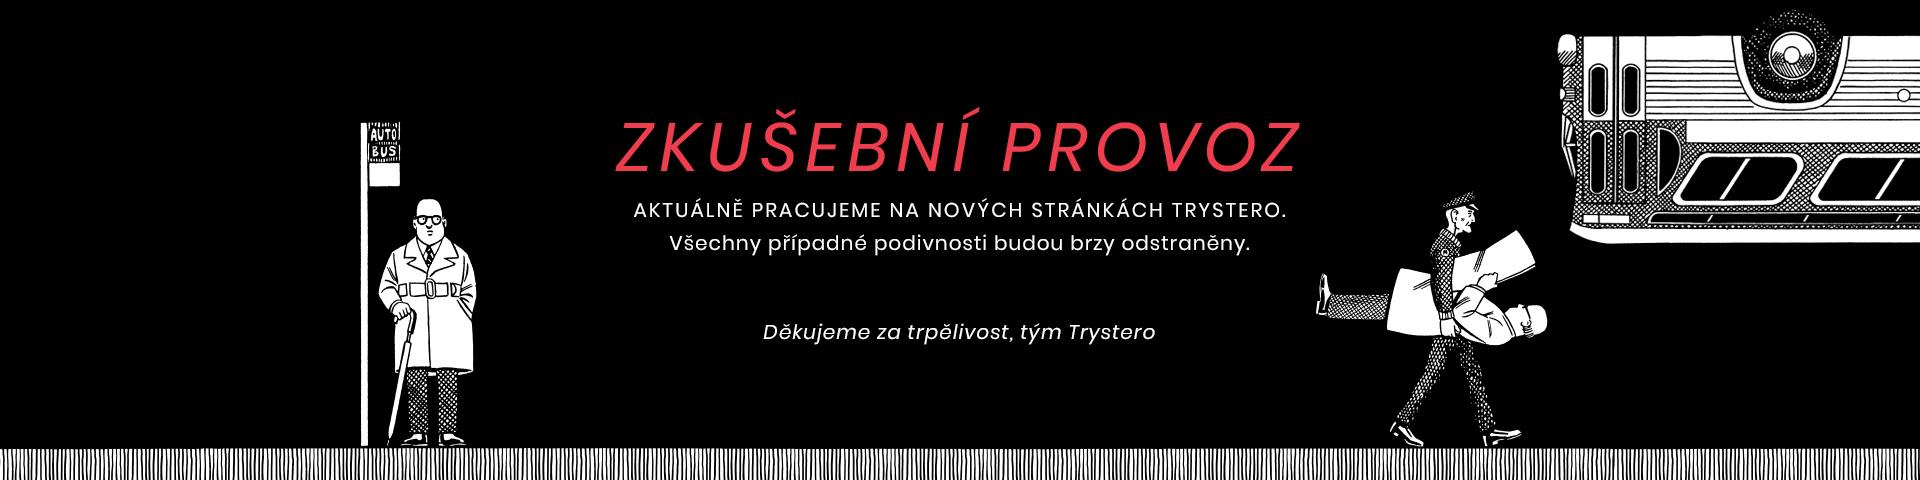 Zkusebni_provoz